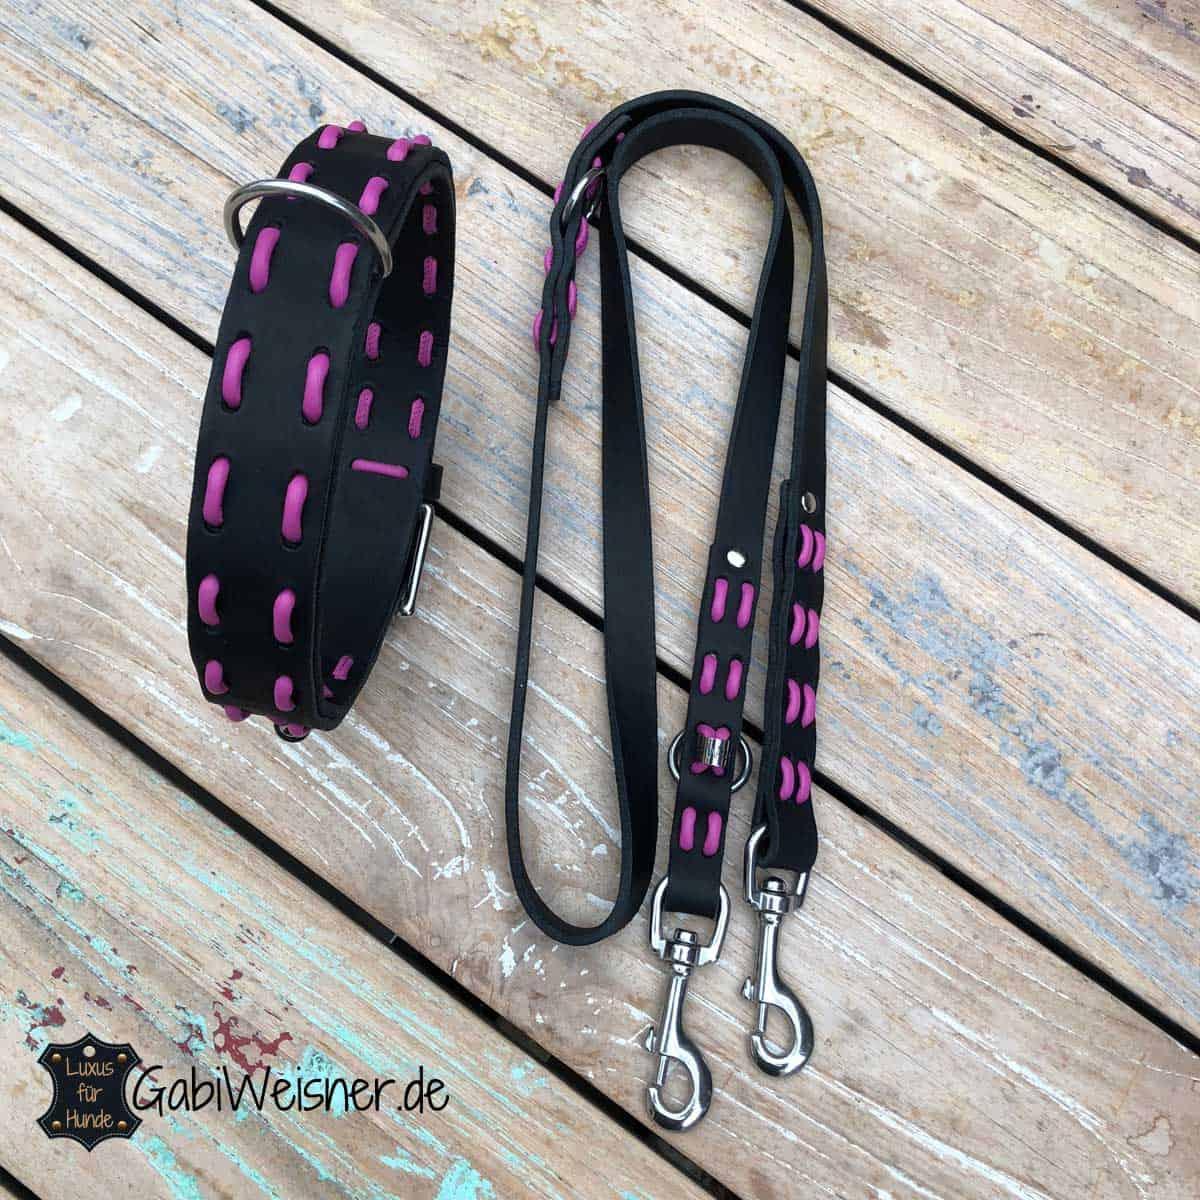 Hundehalsband und Leine Leder in Schwarz - Candy kombiniert mit Edelstahl. Starker Halt für mittelgroße und große Hunde.